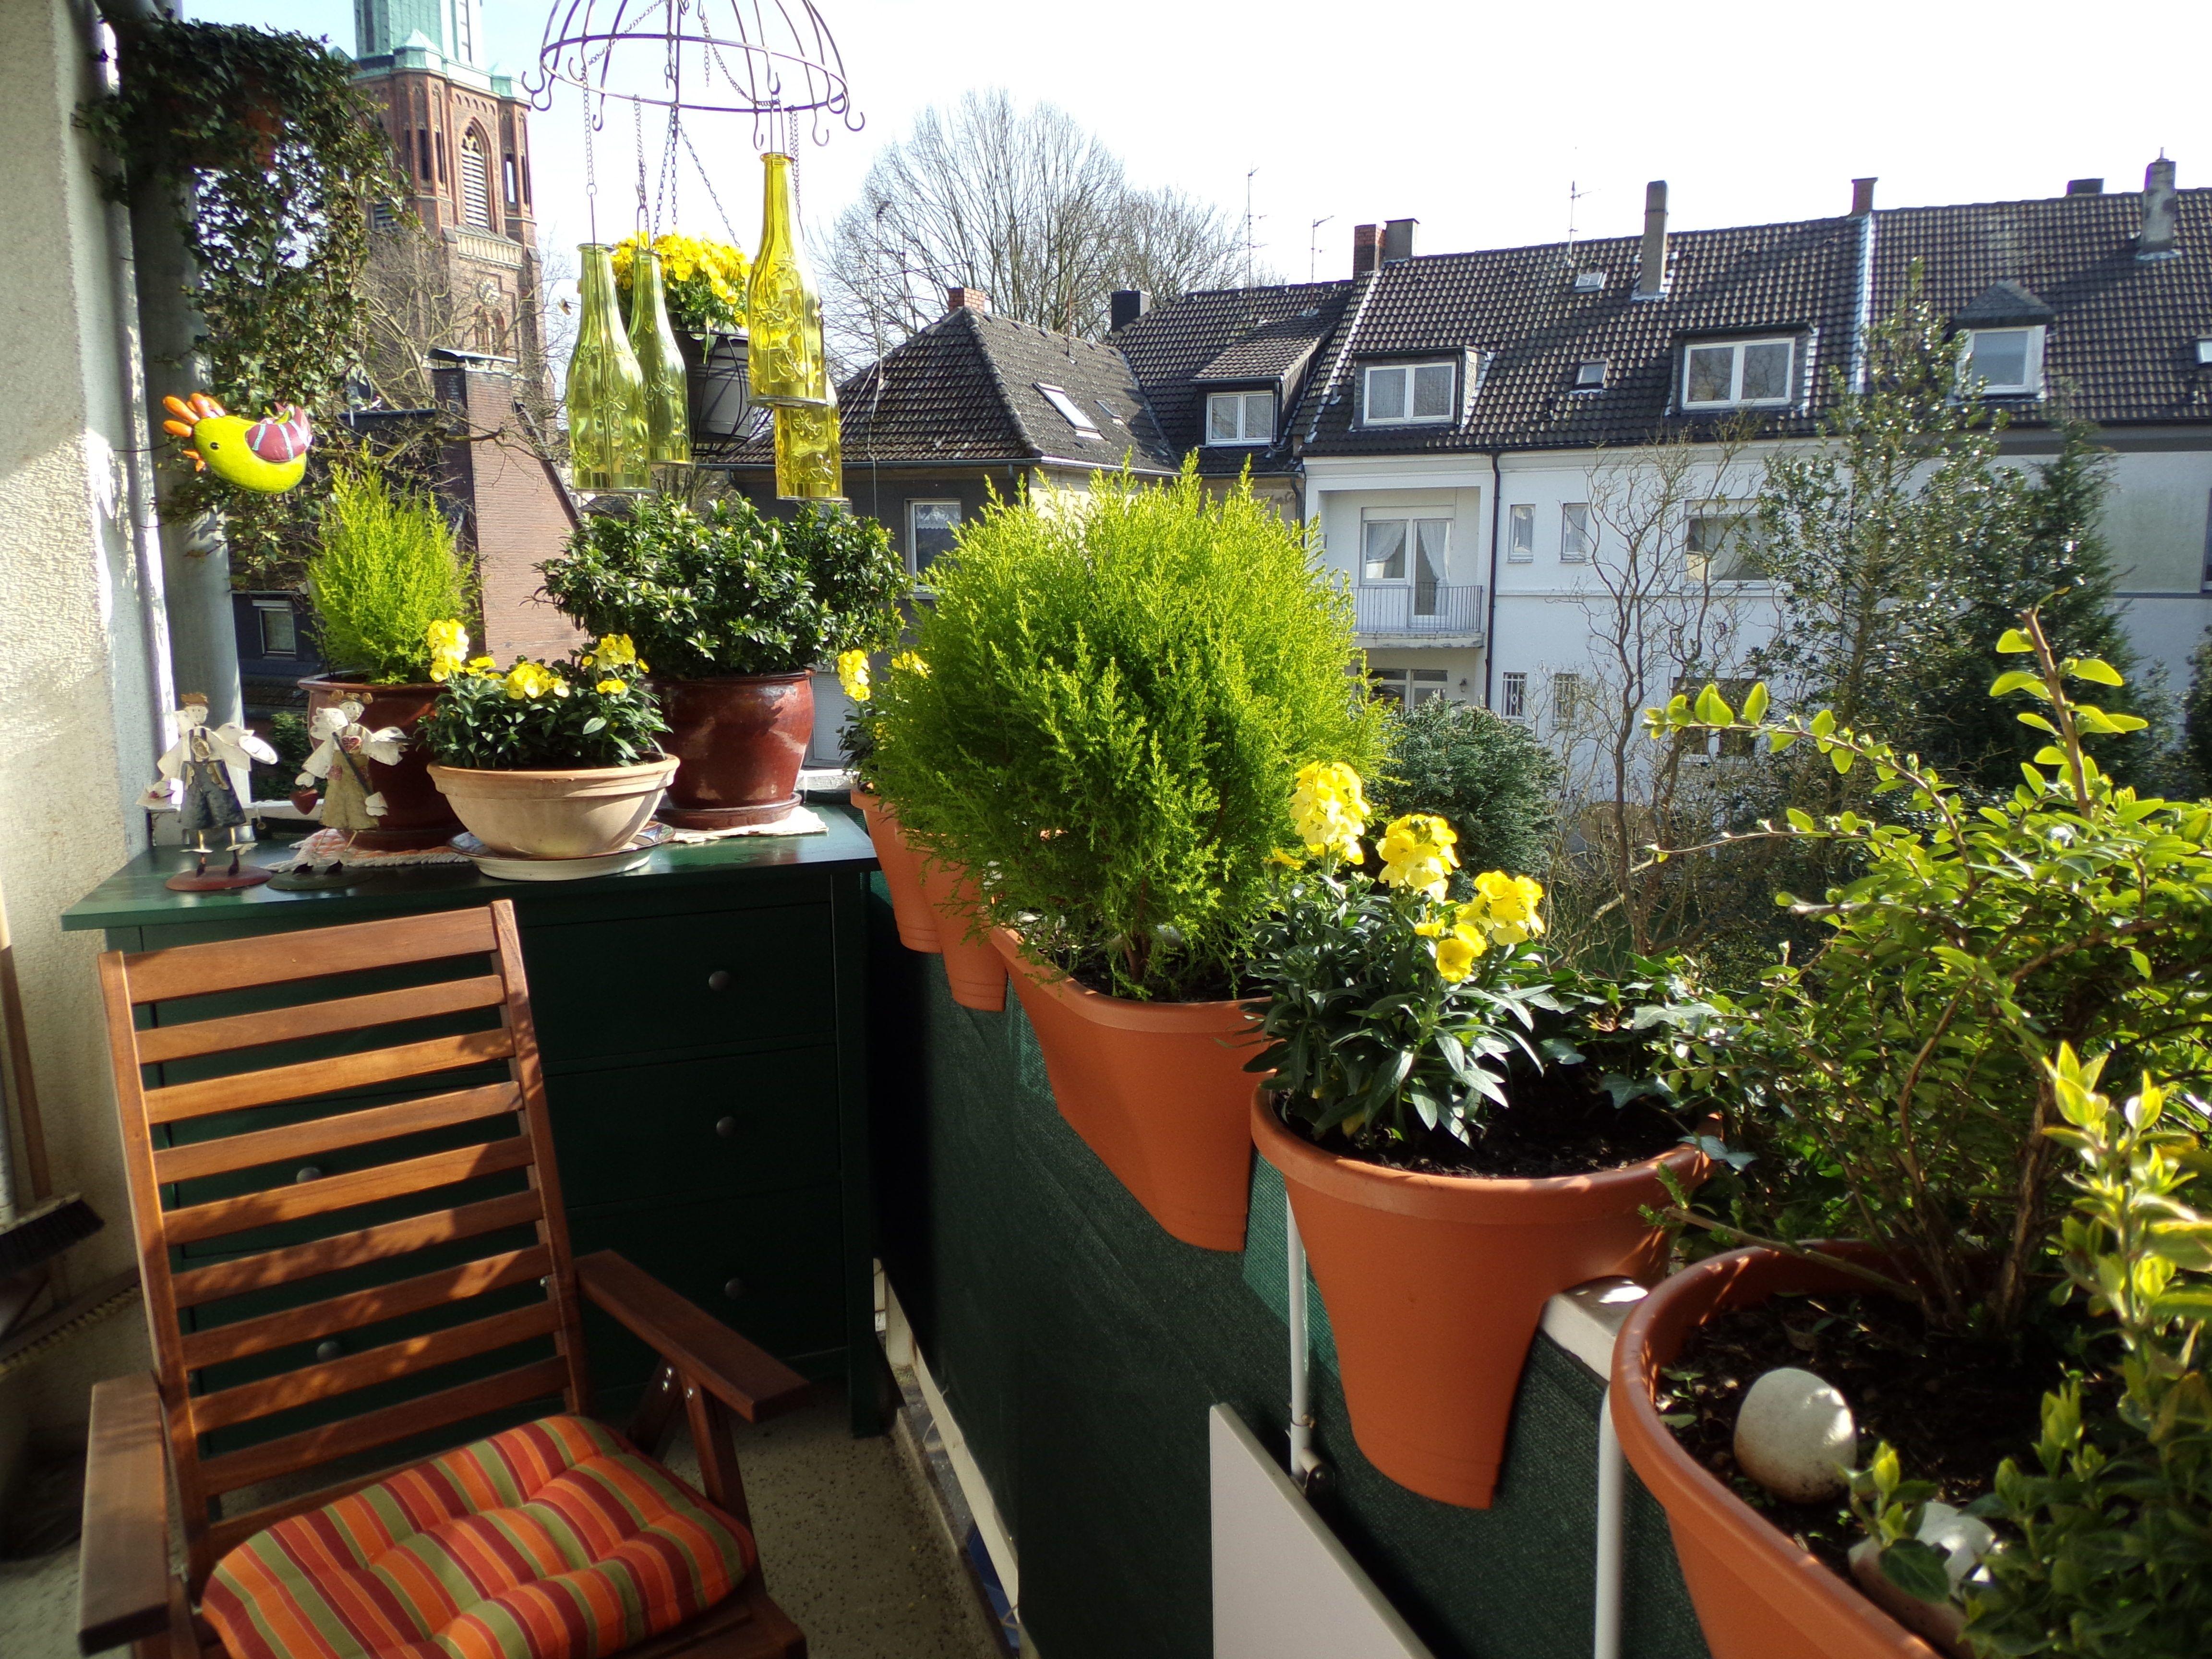 Pierwsze Wiosenne Kwiaty Na Balkon Ekspert Radzi Jakie Wybrac Deccoria Pl Plants Garden Terrace